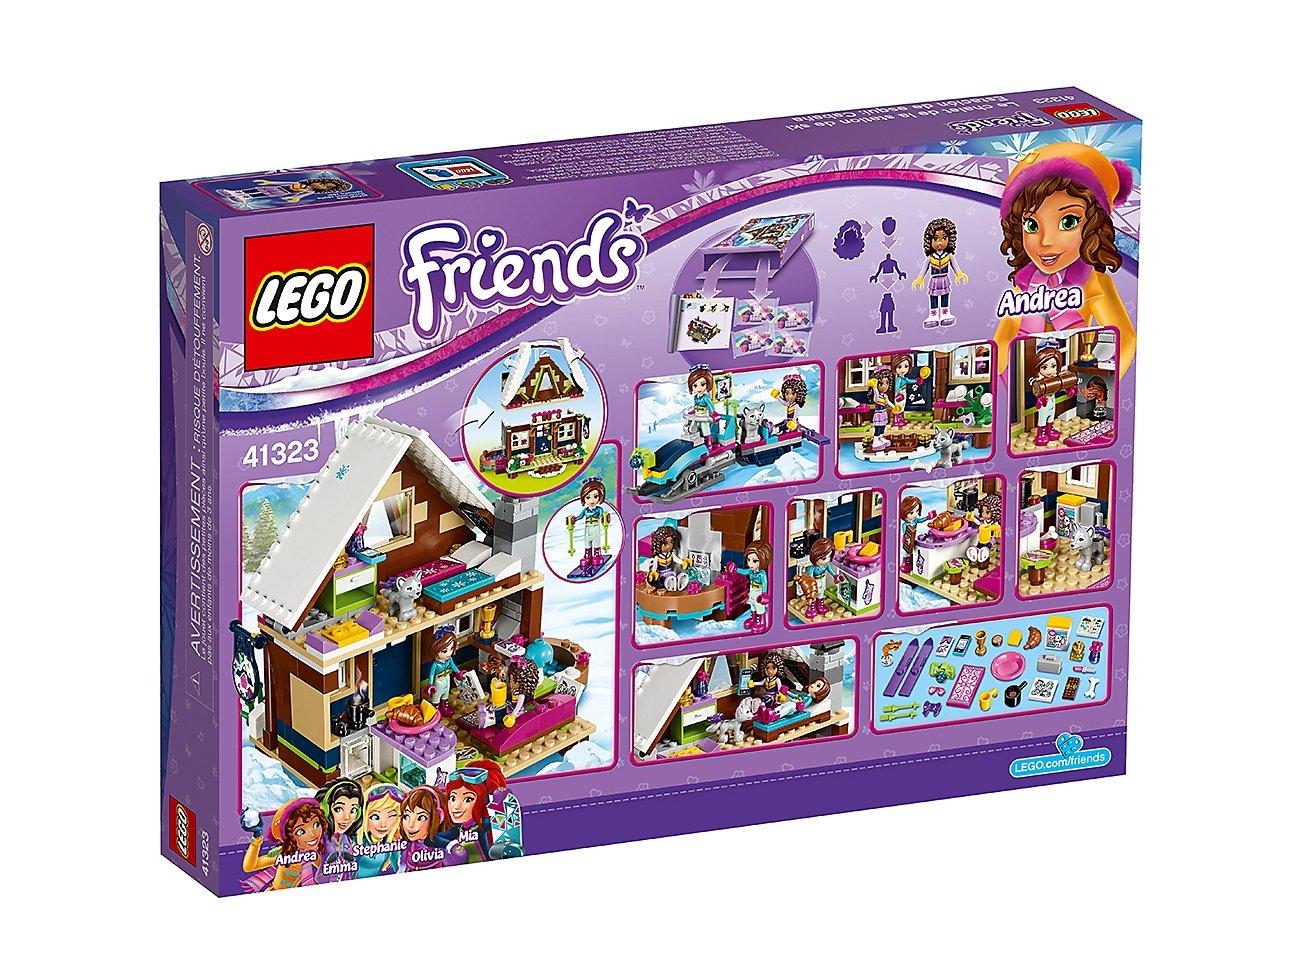 Lego 41323 Friends Górski Domek Zklockówpl